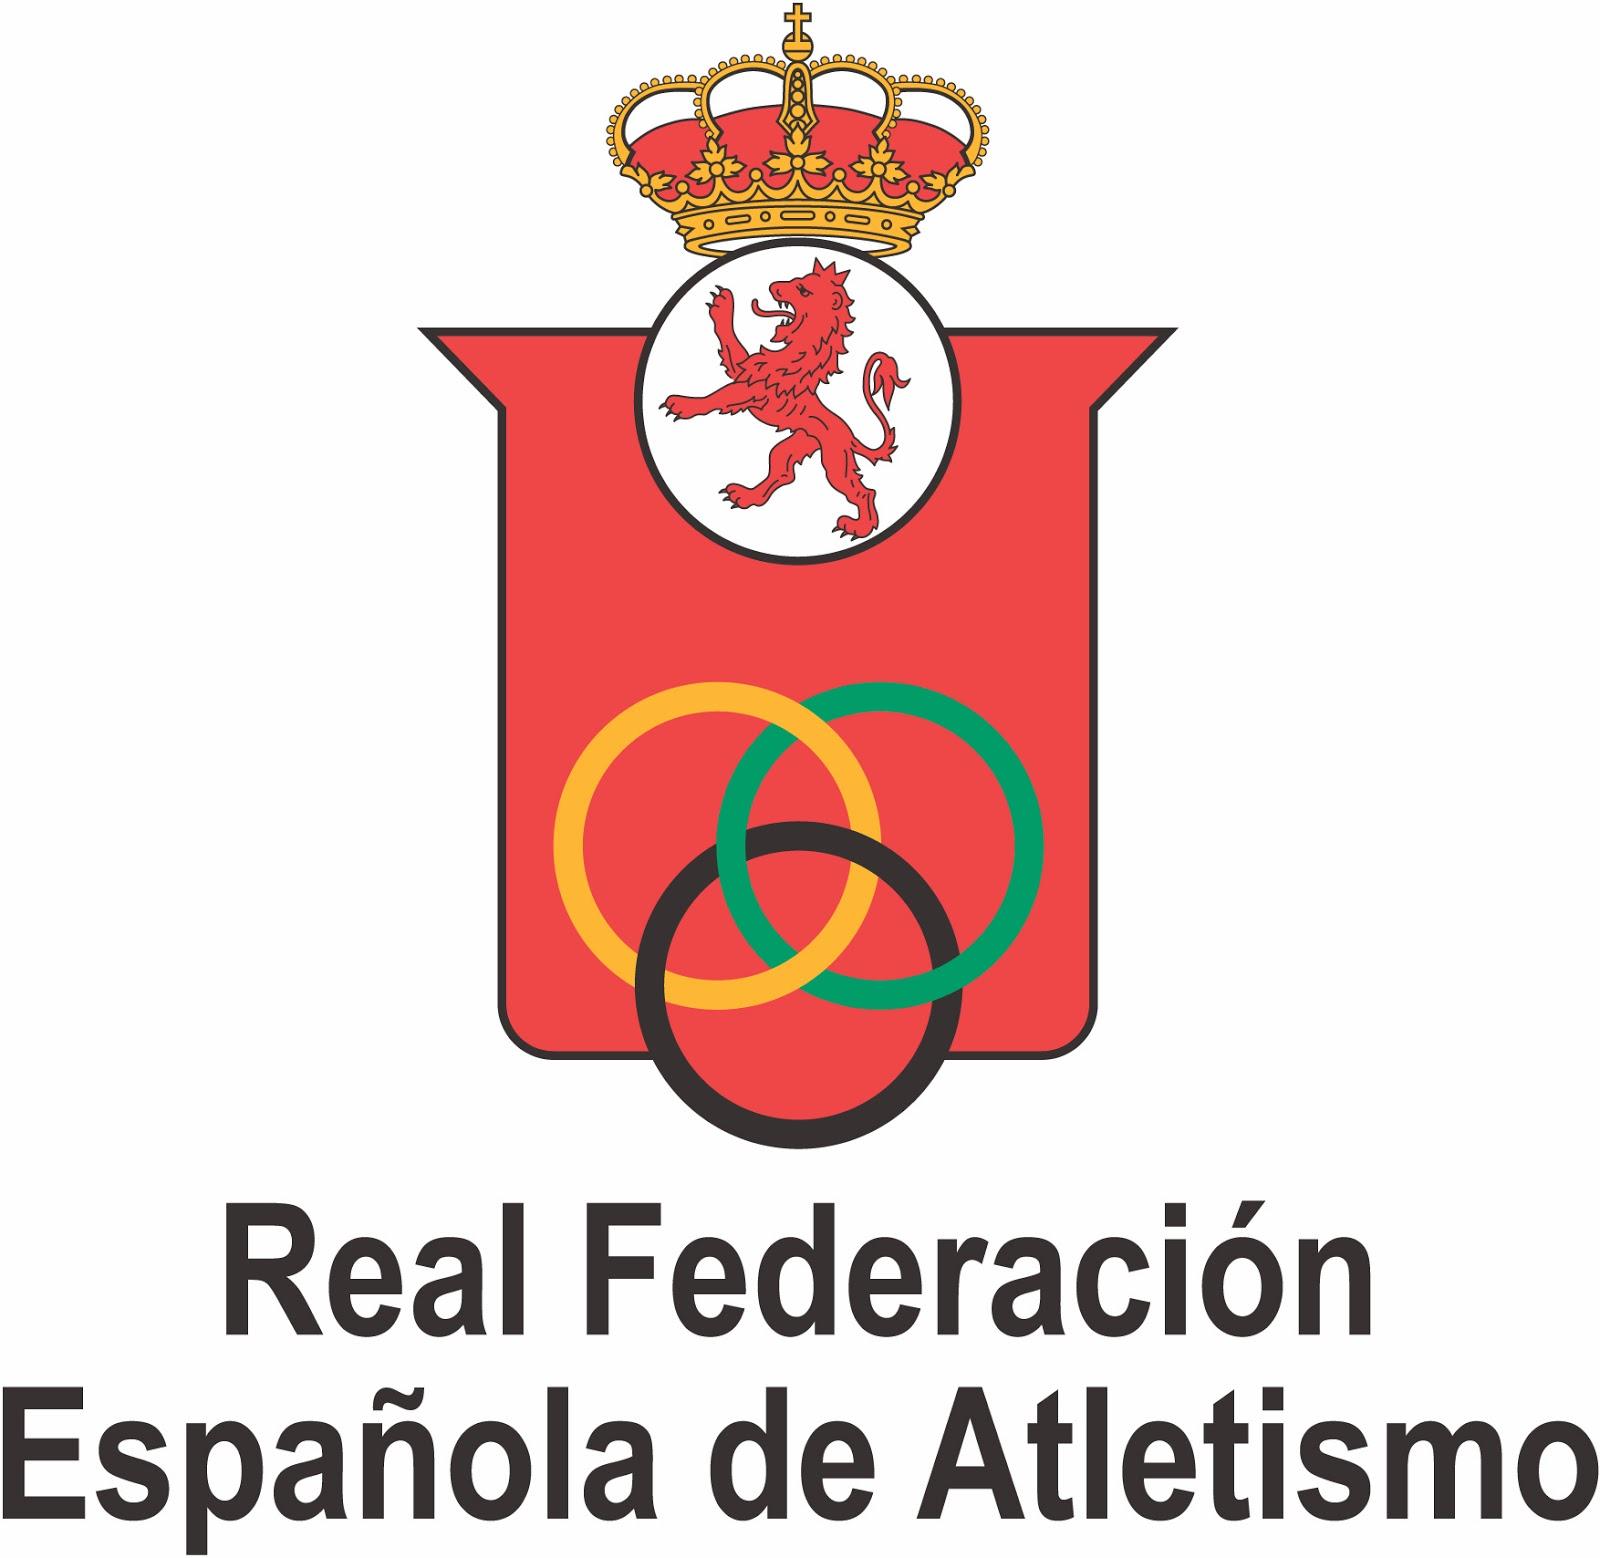 http://www.rfea.es/